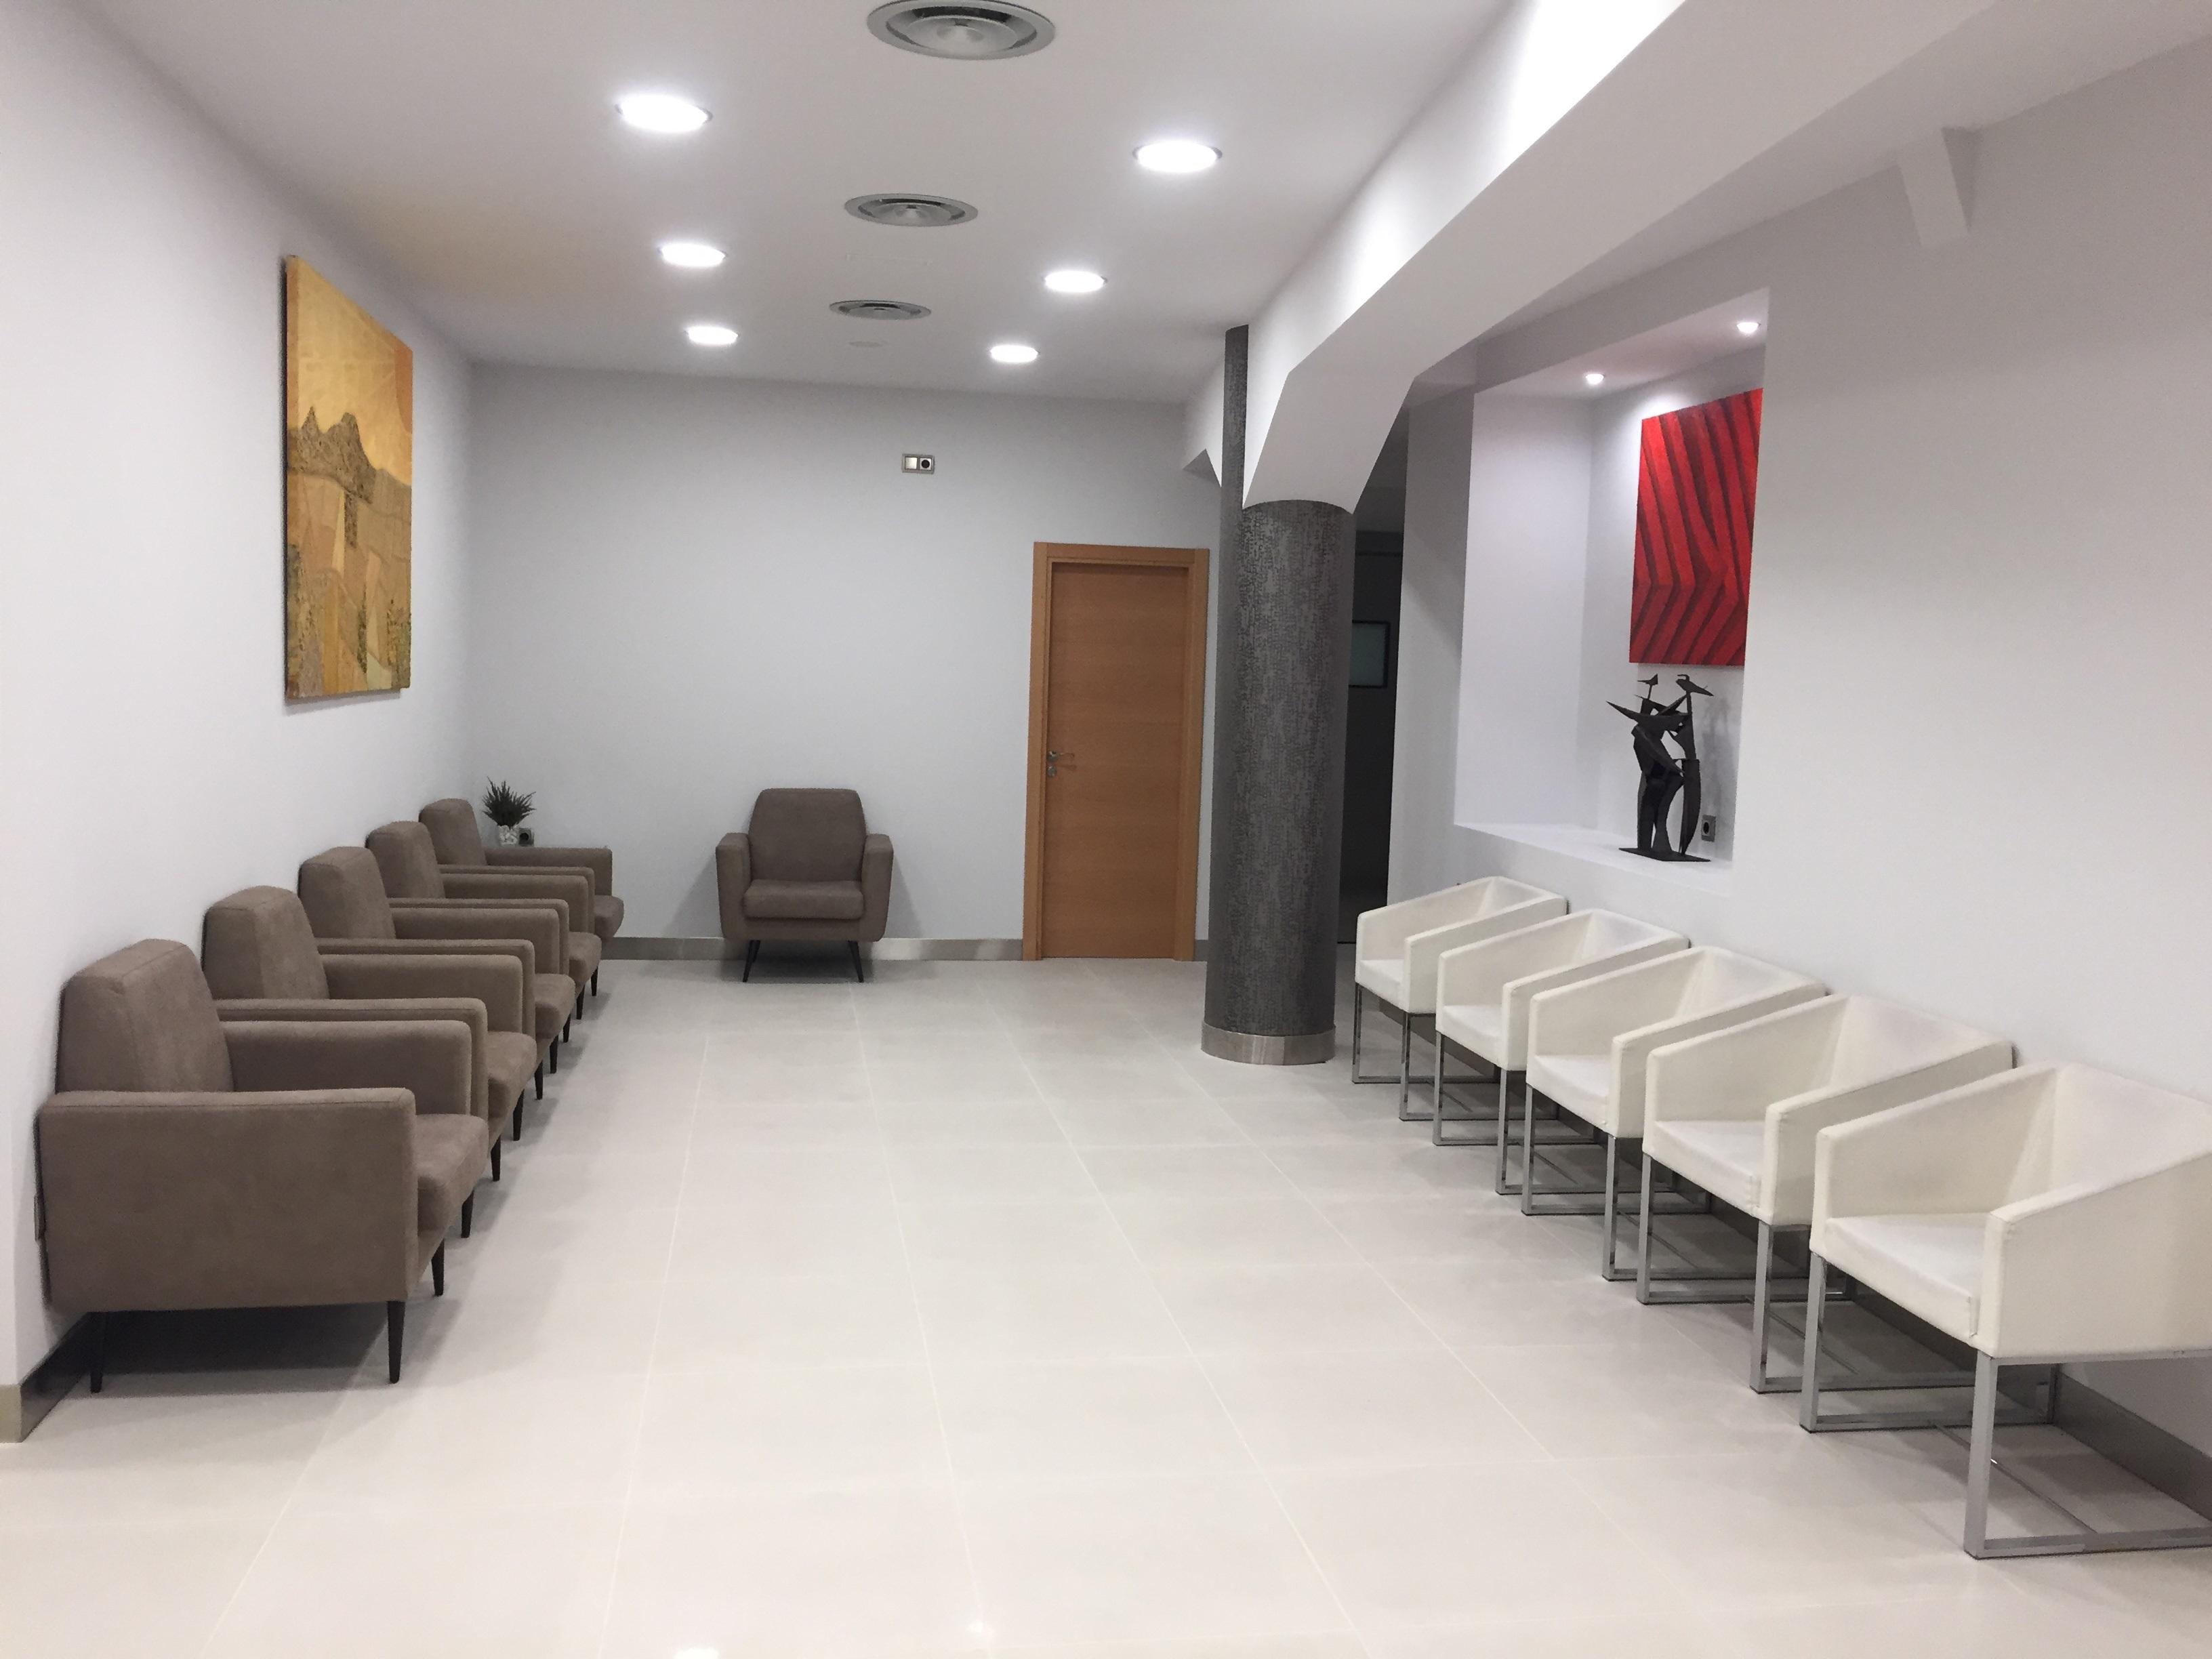 Sala de espera 2-1